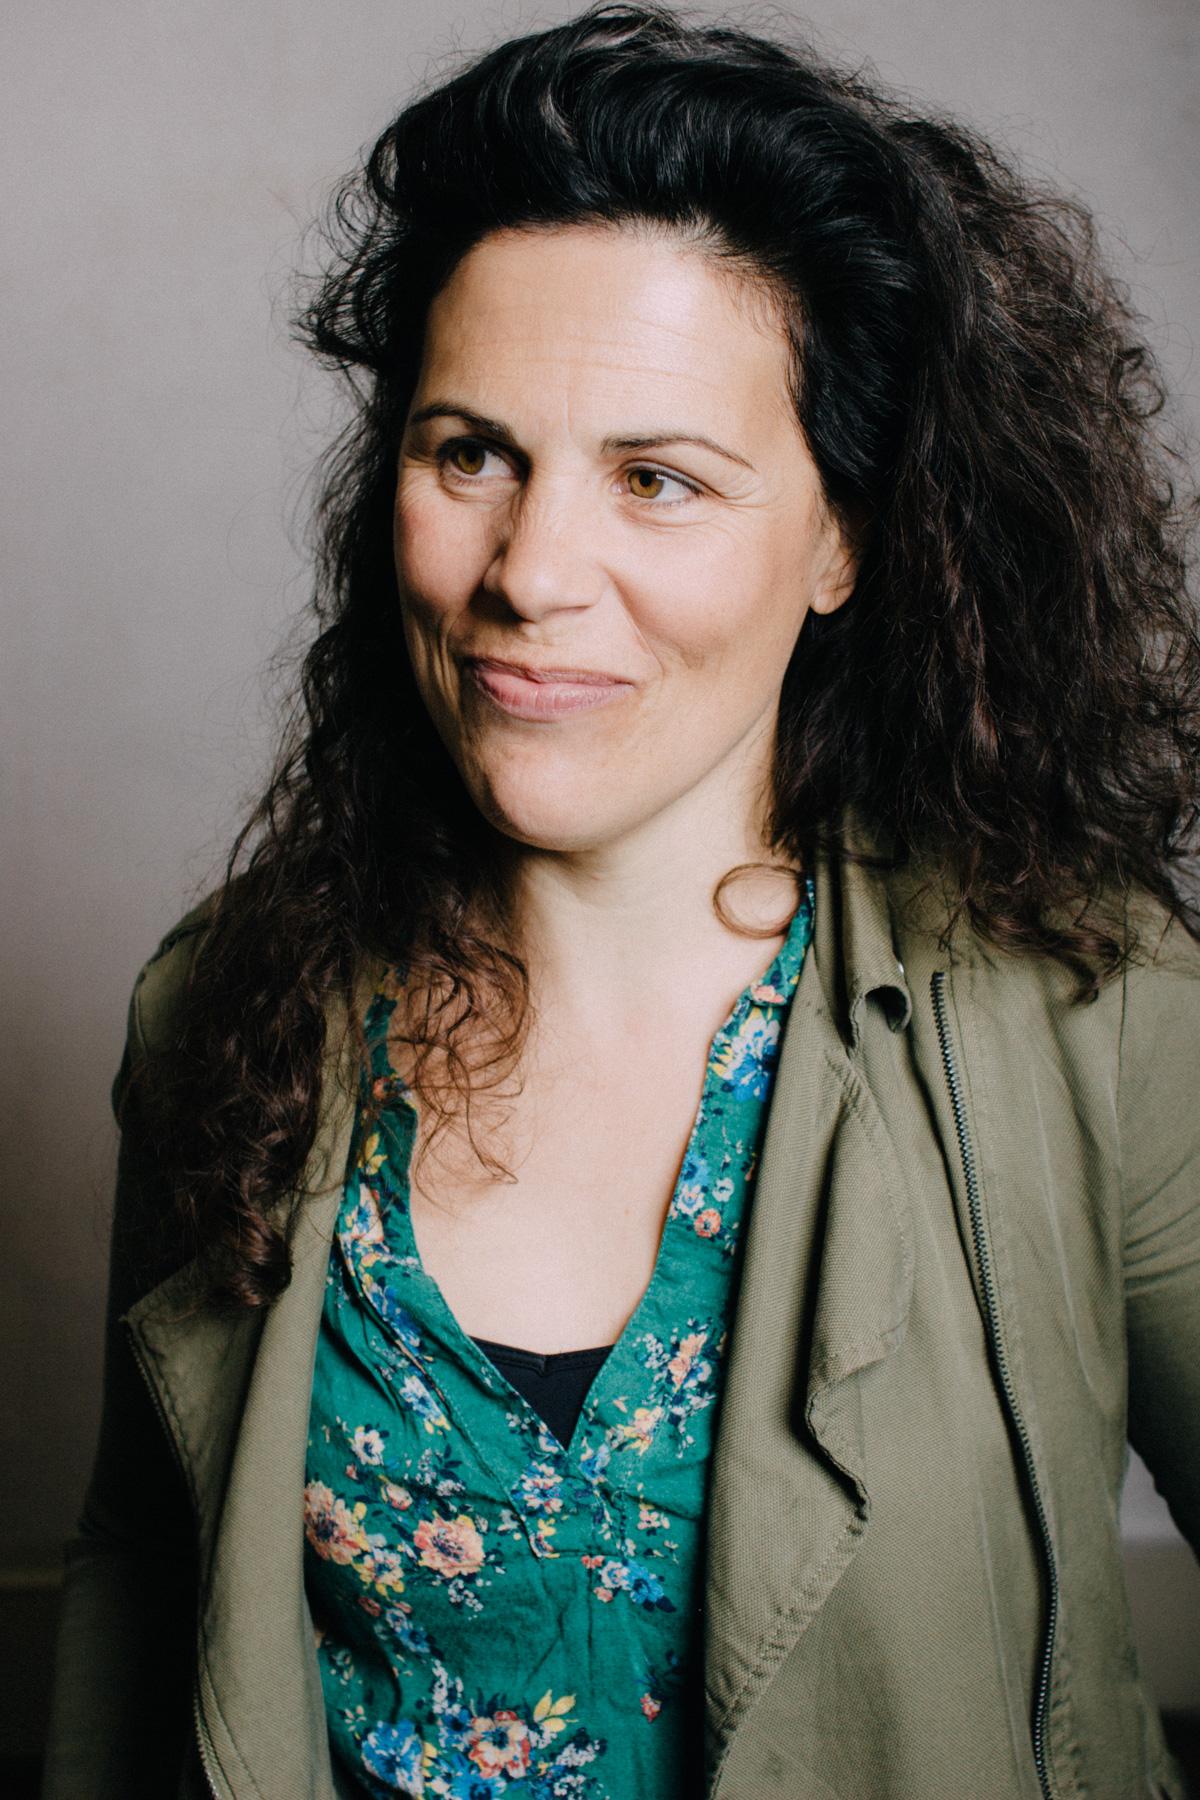 Rebecca Taber